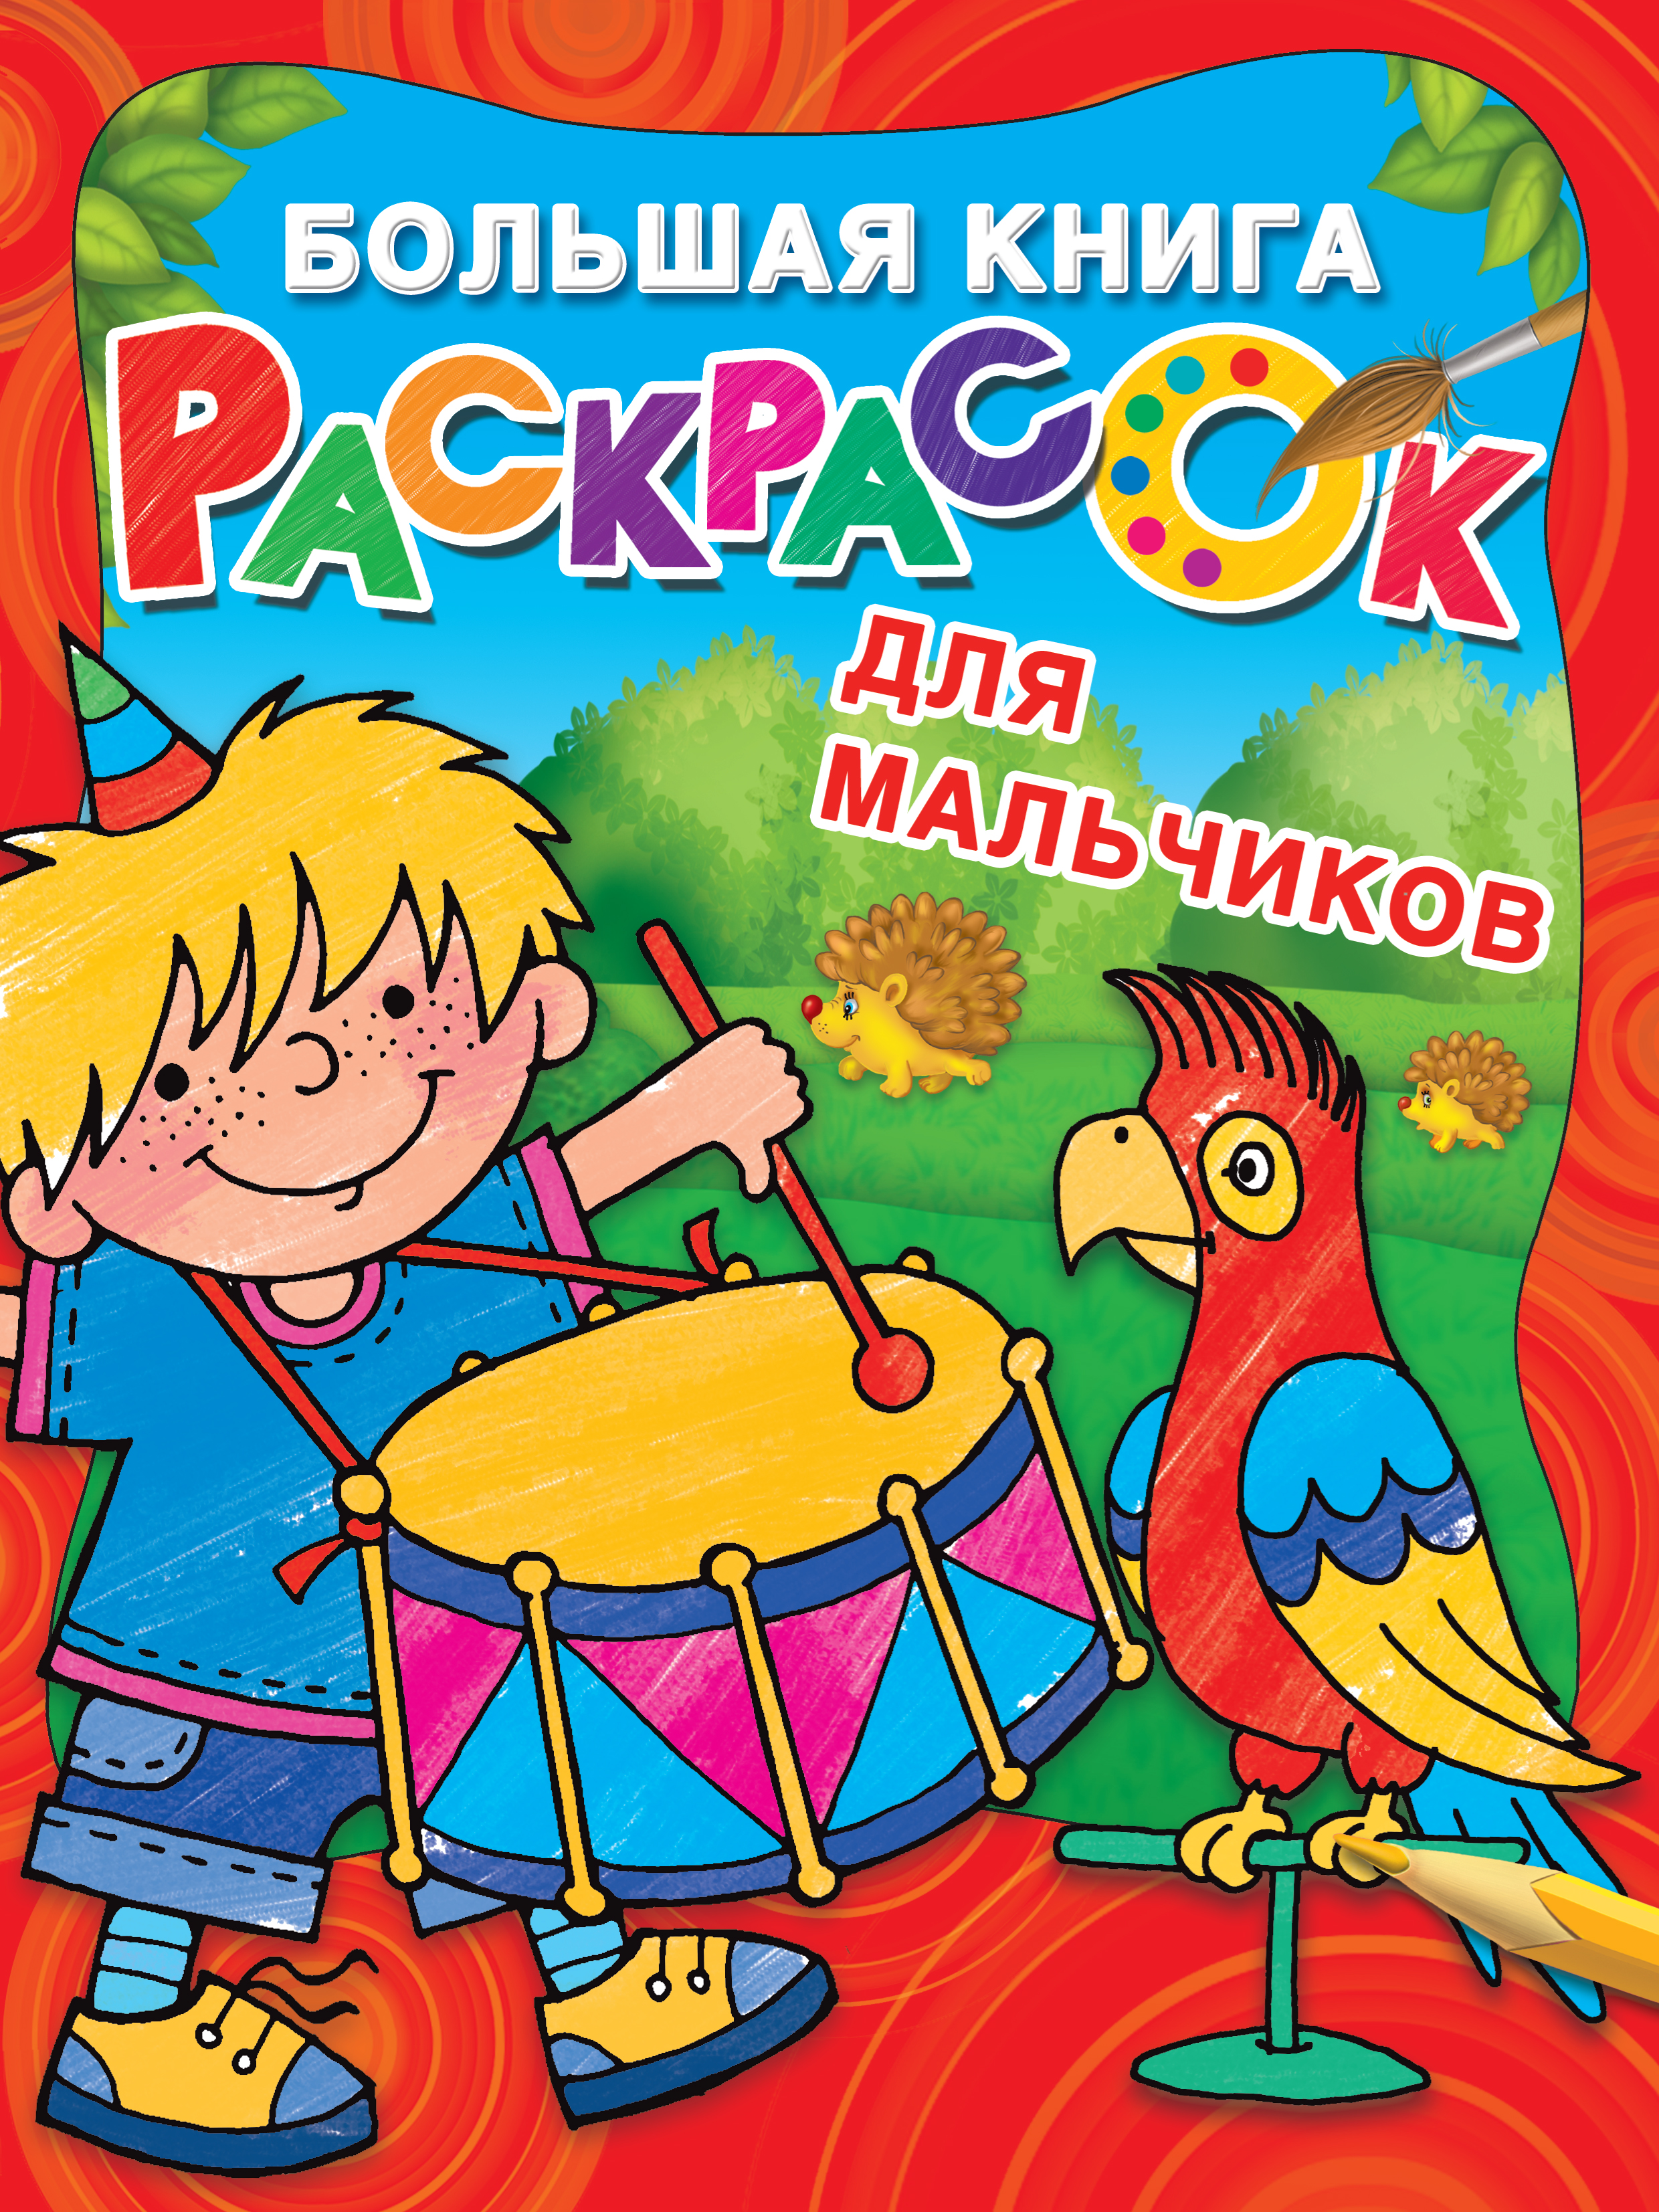 Двинина Л.В. Большая книга раскрасок для мальчиков